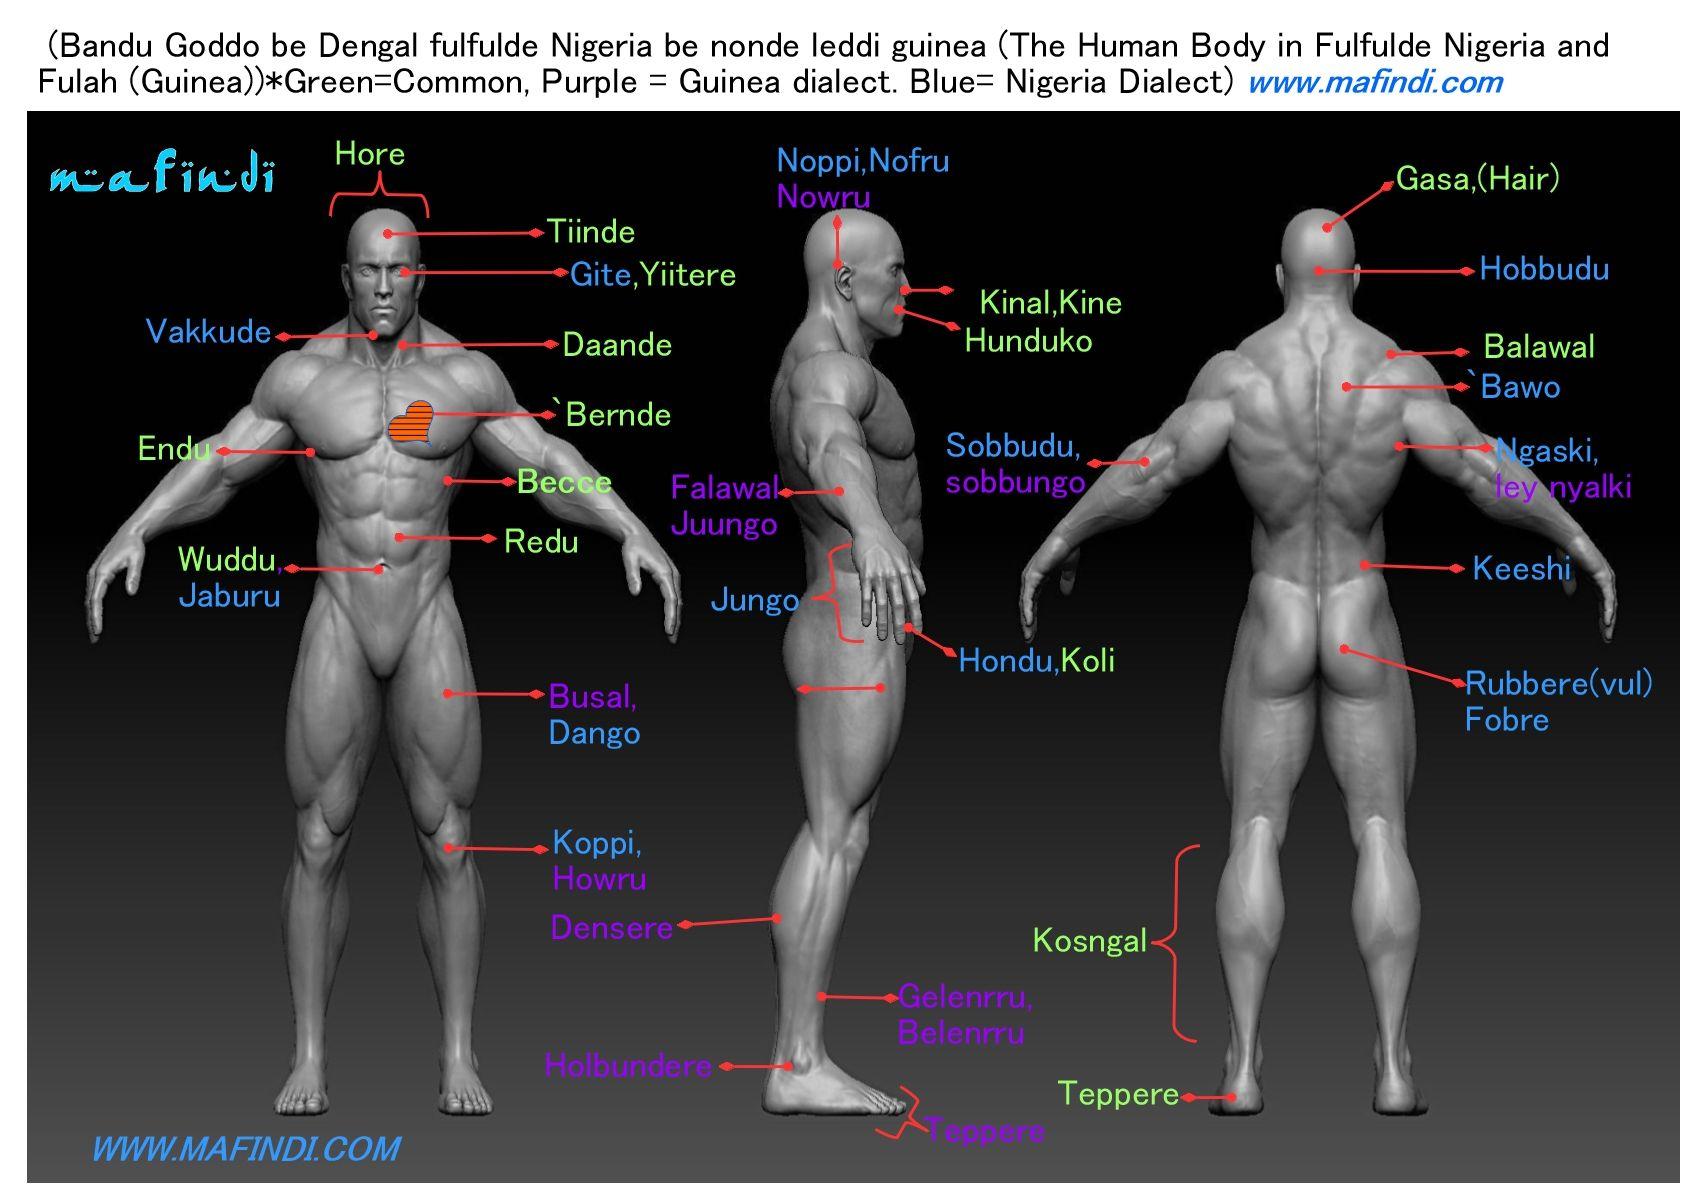 Bandu goddobe fulfulde / fulani / Human Body in Fulfulde | Be ...